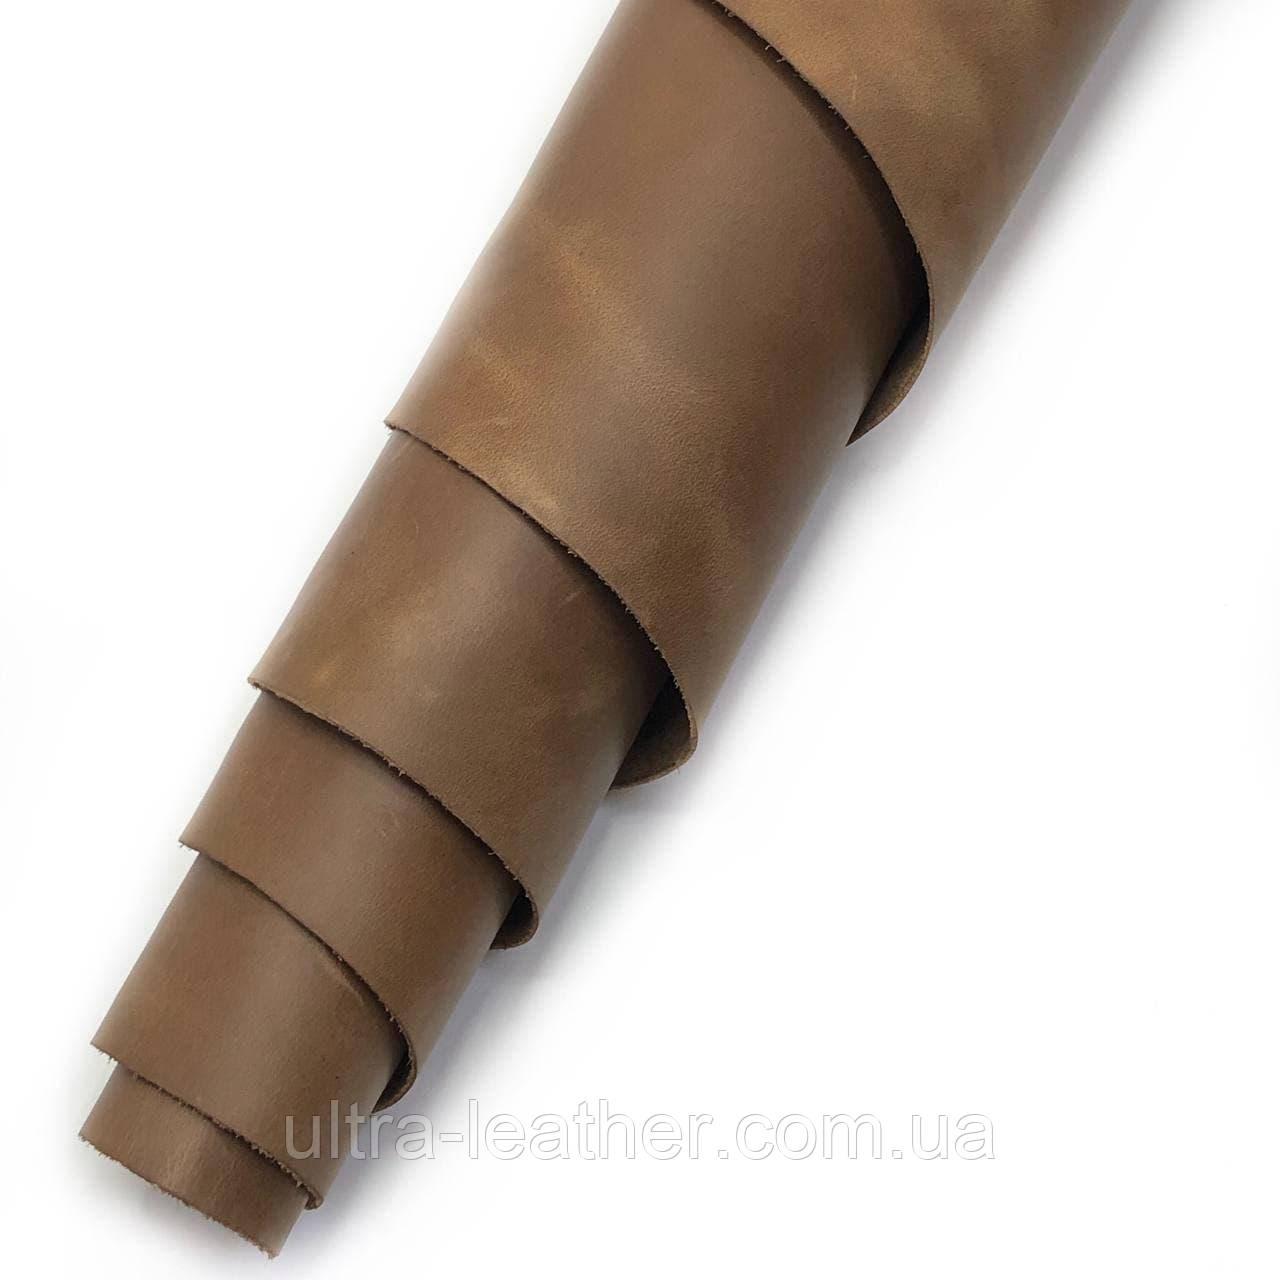 Натуральна шкіра галантерейна Крейзі Хорс, Світло-коричневий Pantone 18-0940